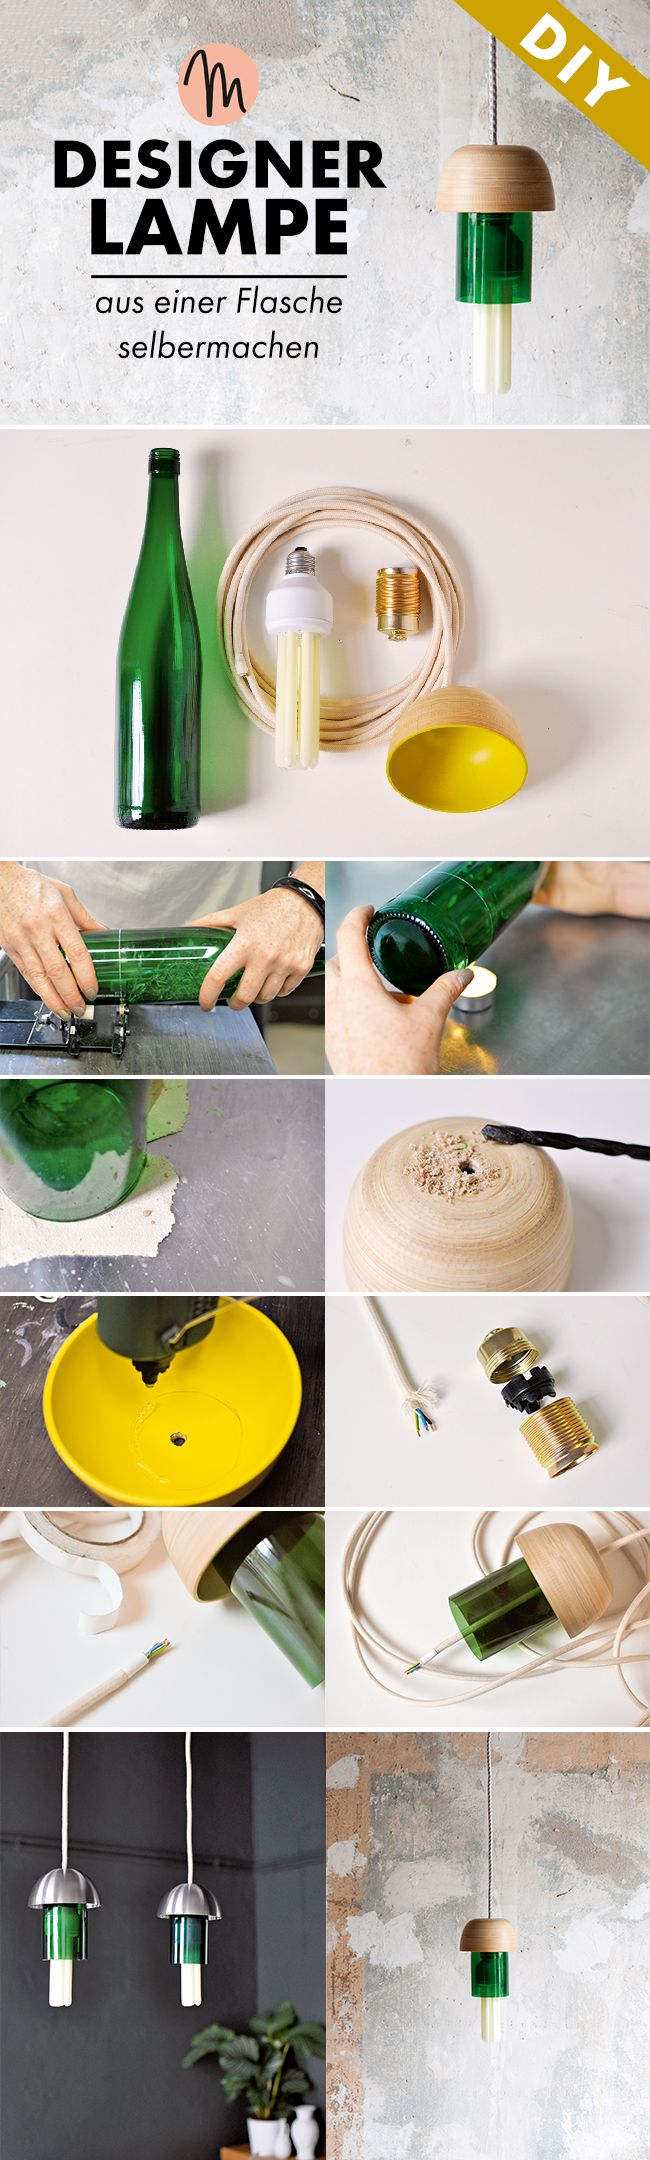 Designerlampe aus einer alten Weinflasche einfach selber machen als Upcycling Projekt - DIY-Anleitung via Makerist.de